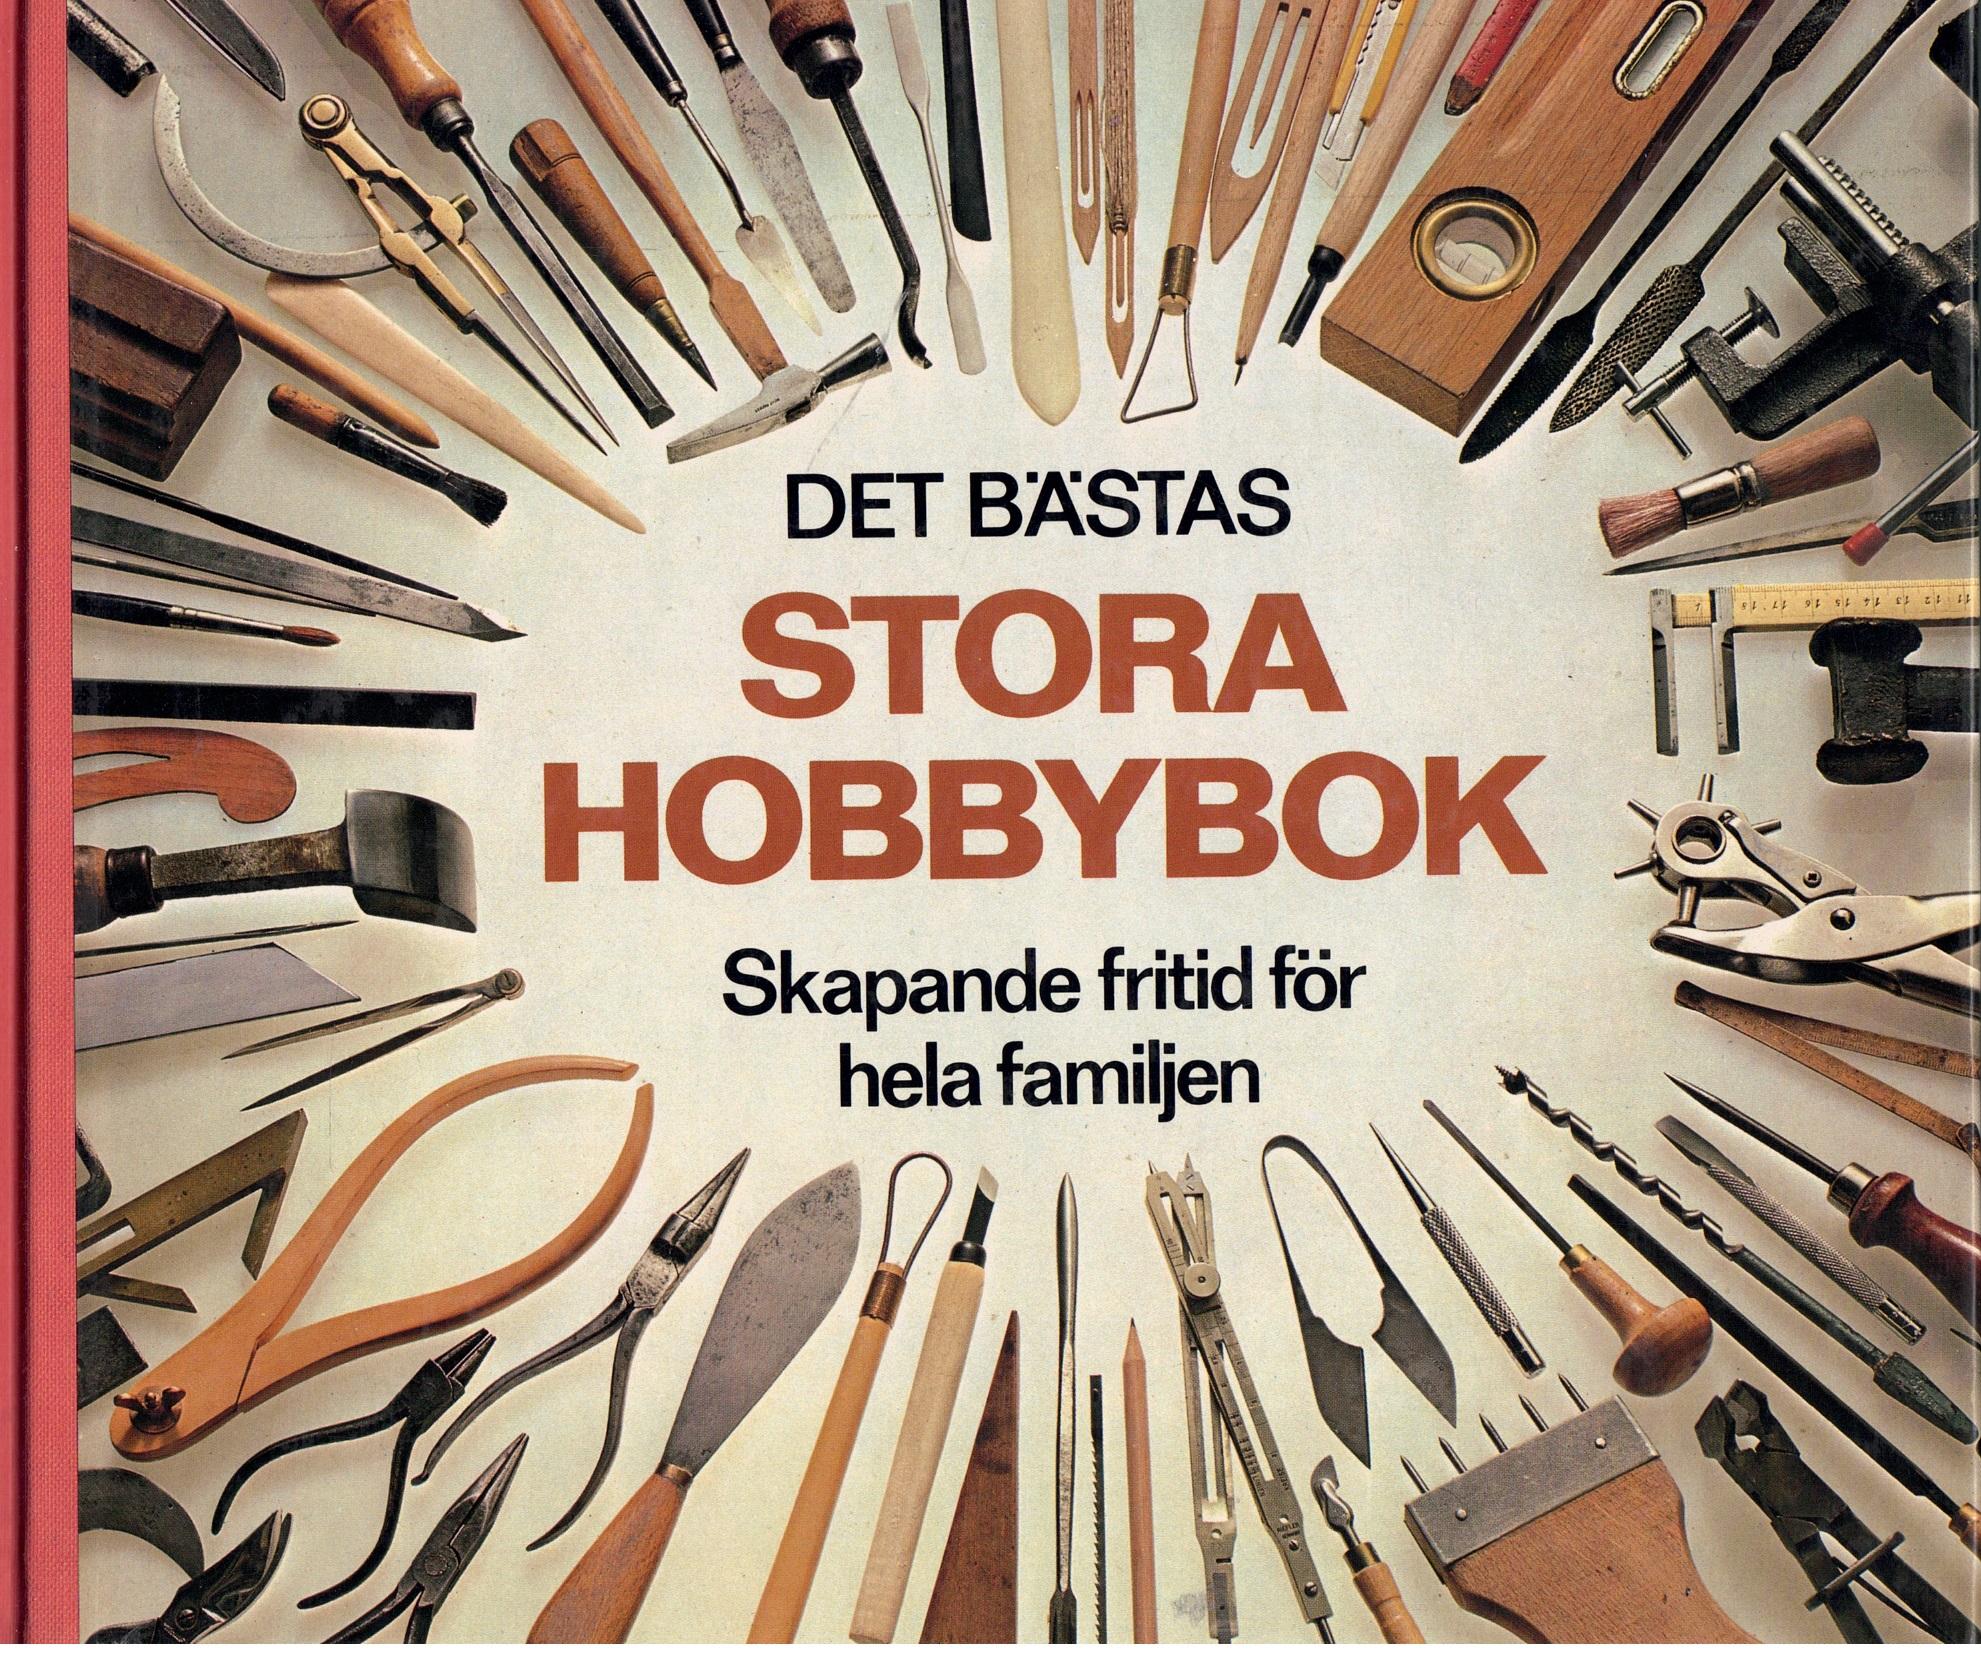 Det bästas stora hobbybok : skapande fritid för hela familjen - Red.